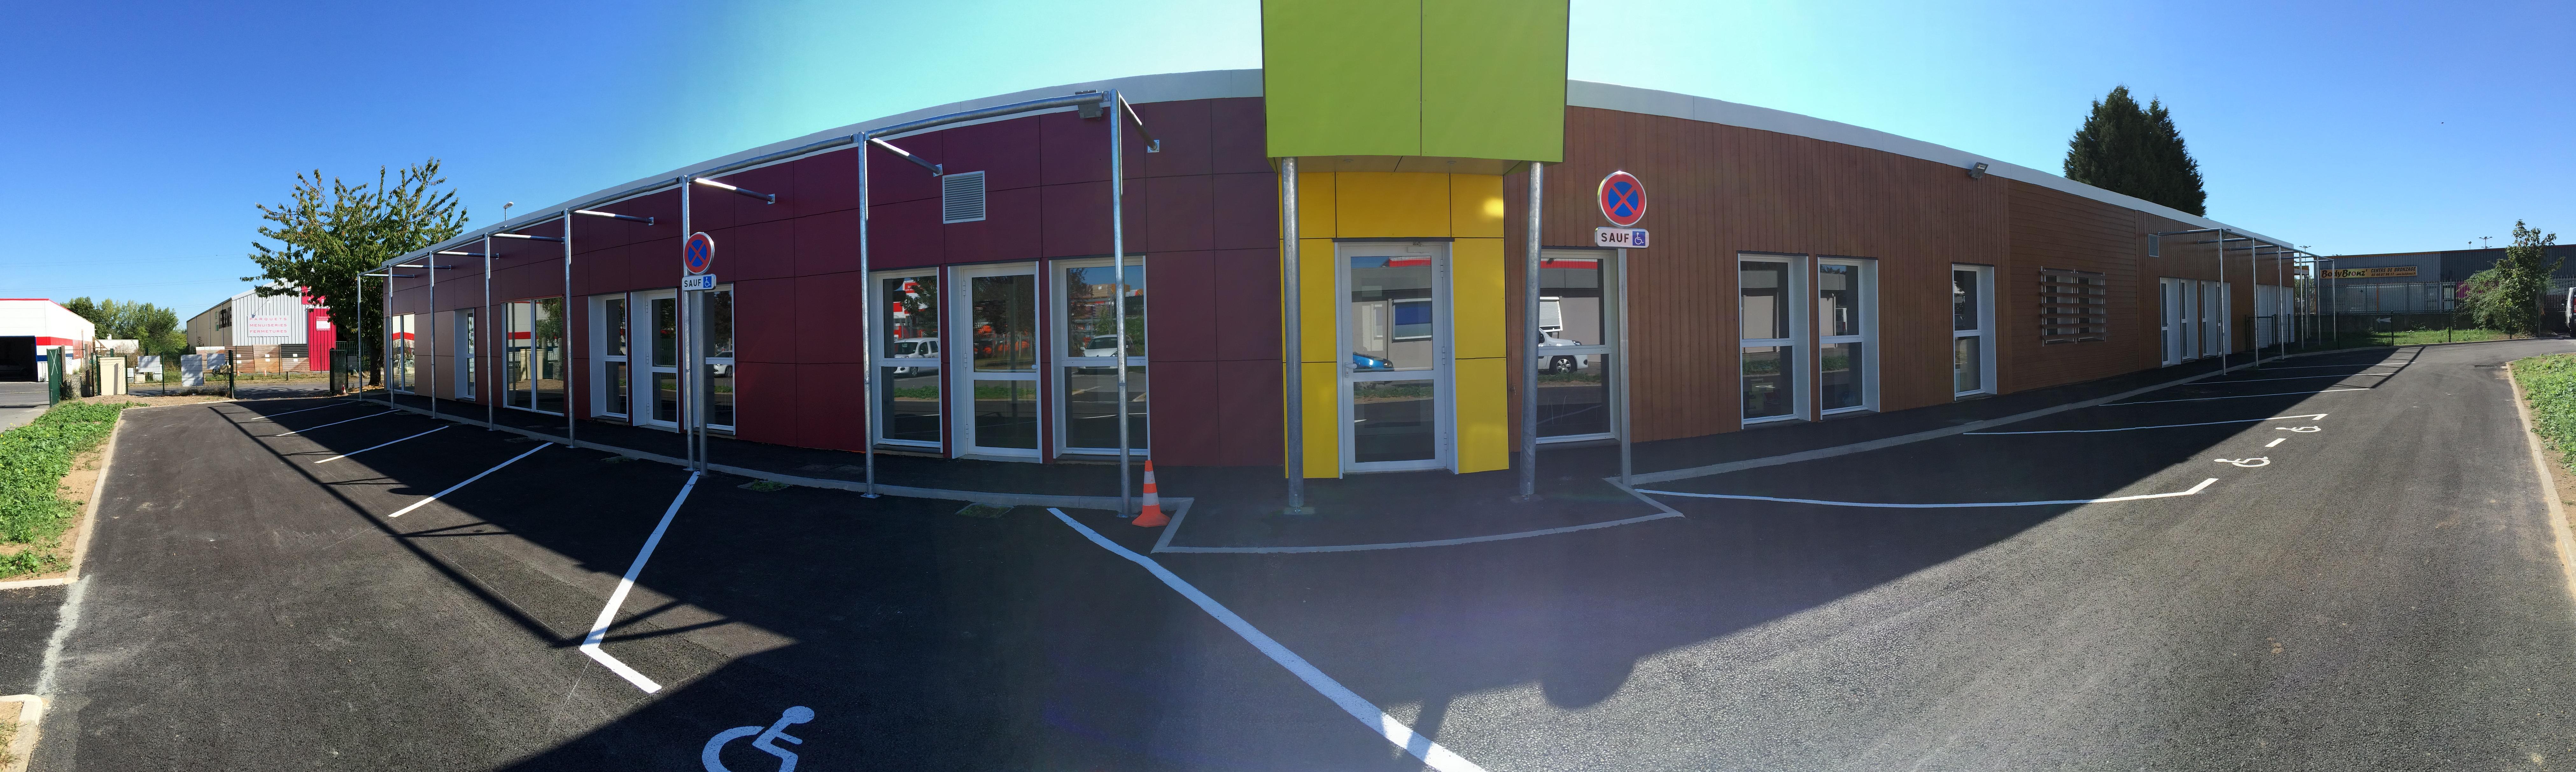 Maison de Ther crèche Beauvais Oise innovation sociale